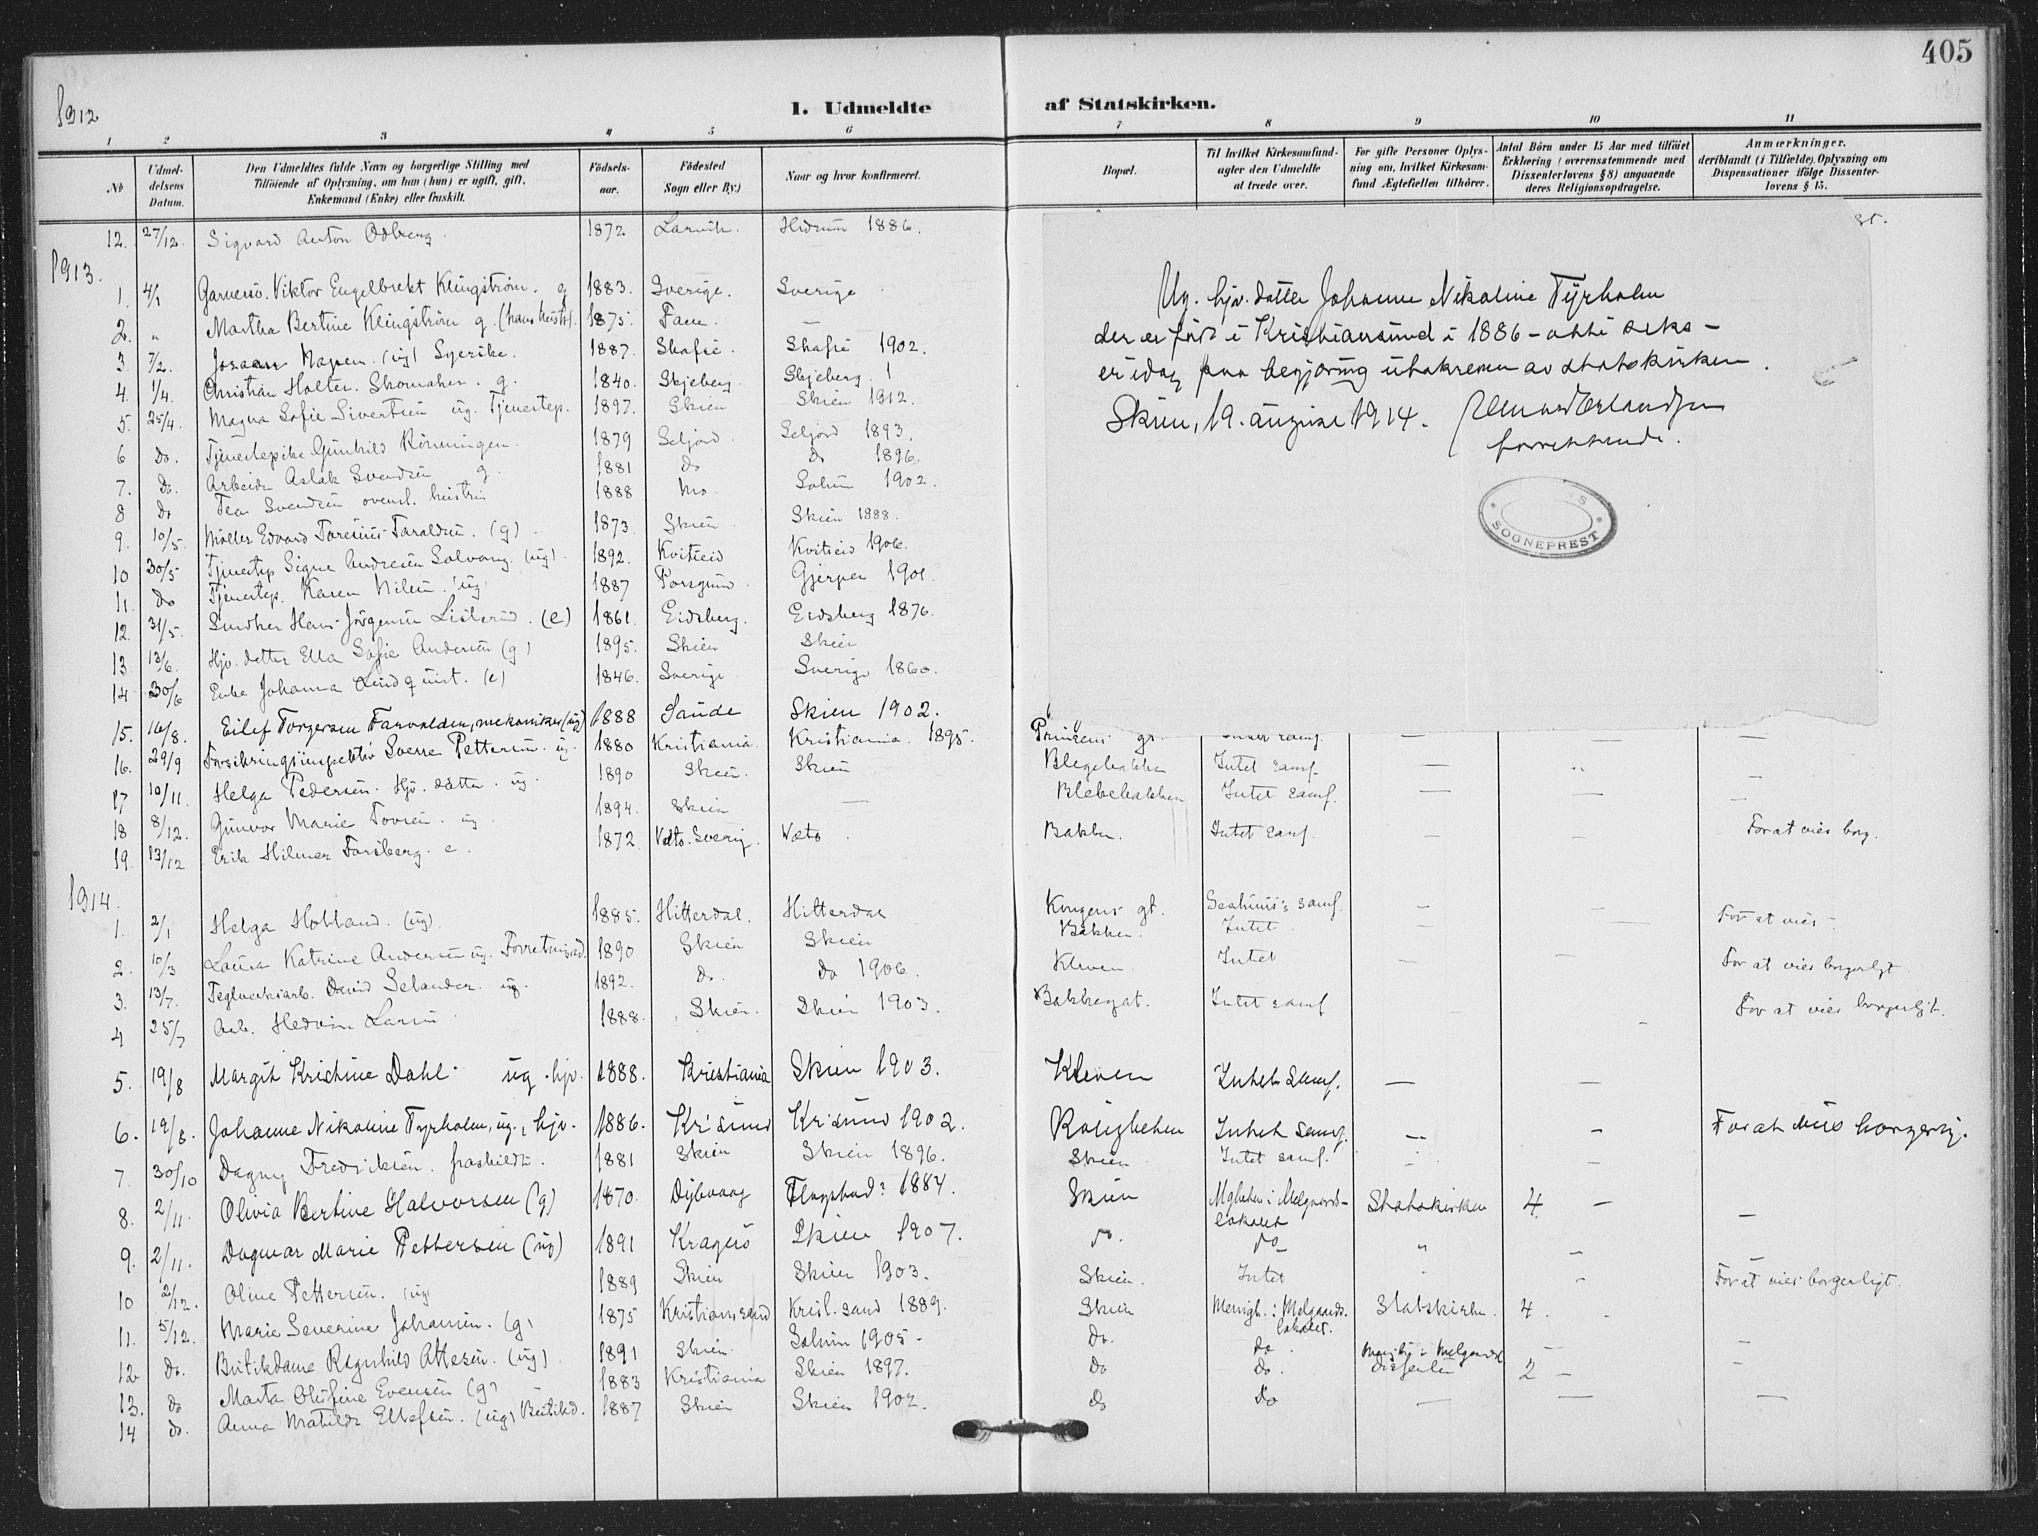 SAKO, Skien kirkebøker, F/Fa/L0012: Ministerialbok nr. 12, 1908-1914, s. 405